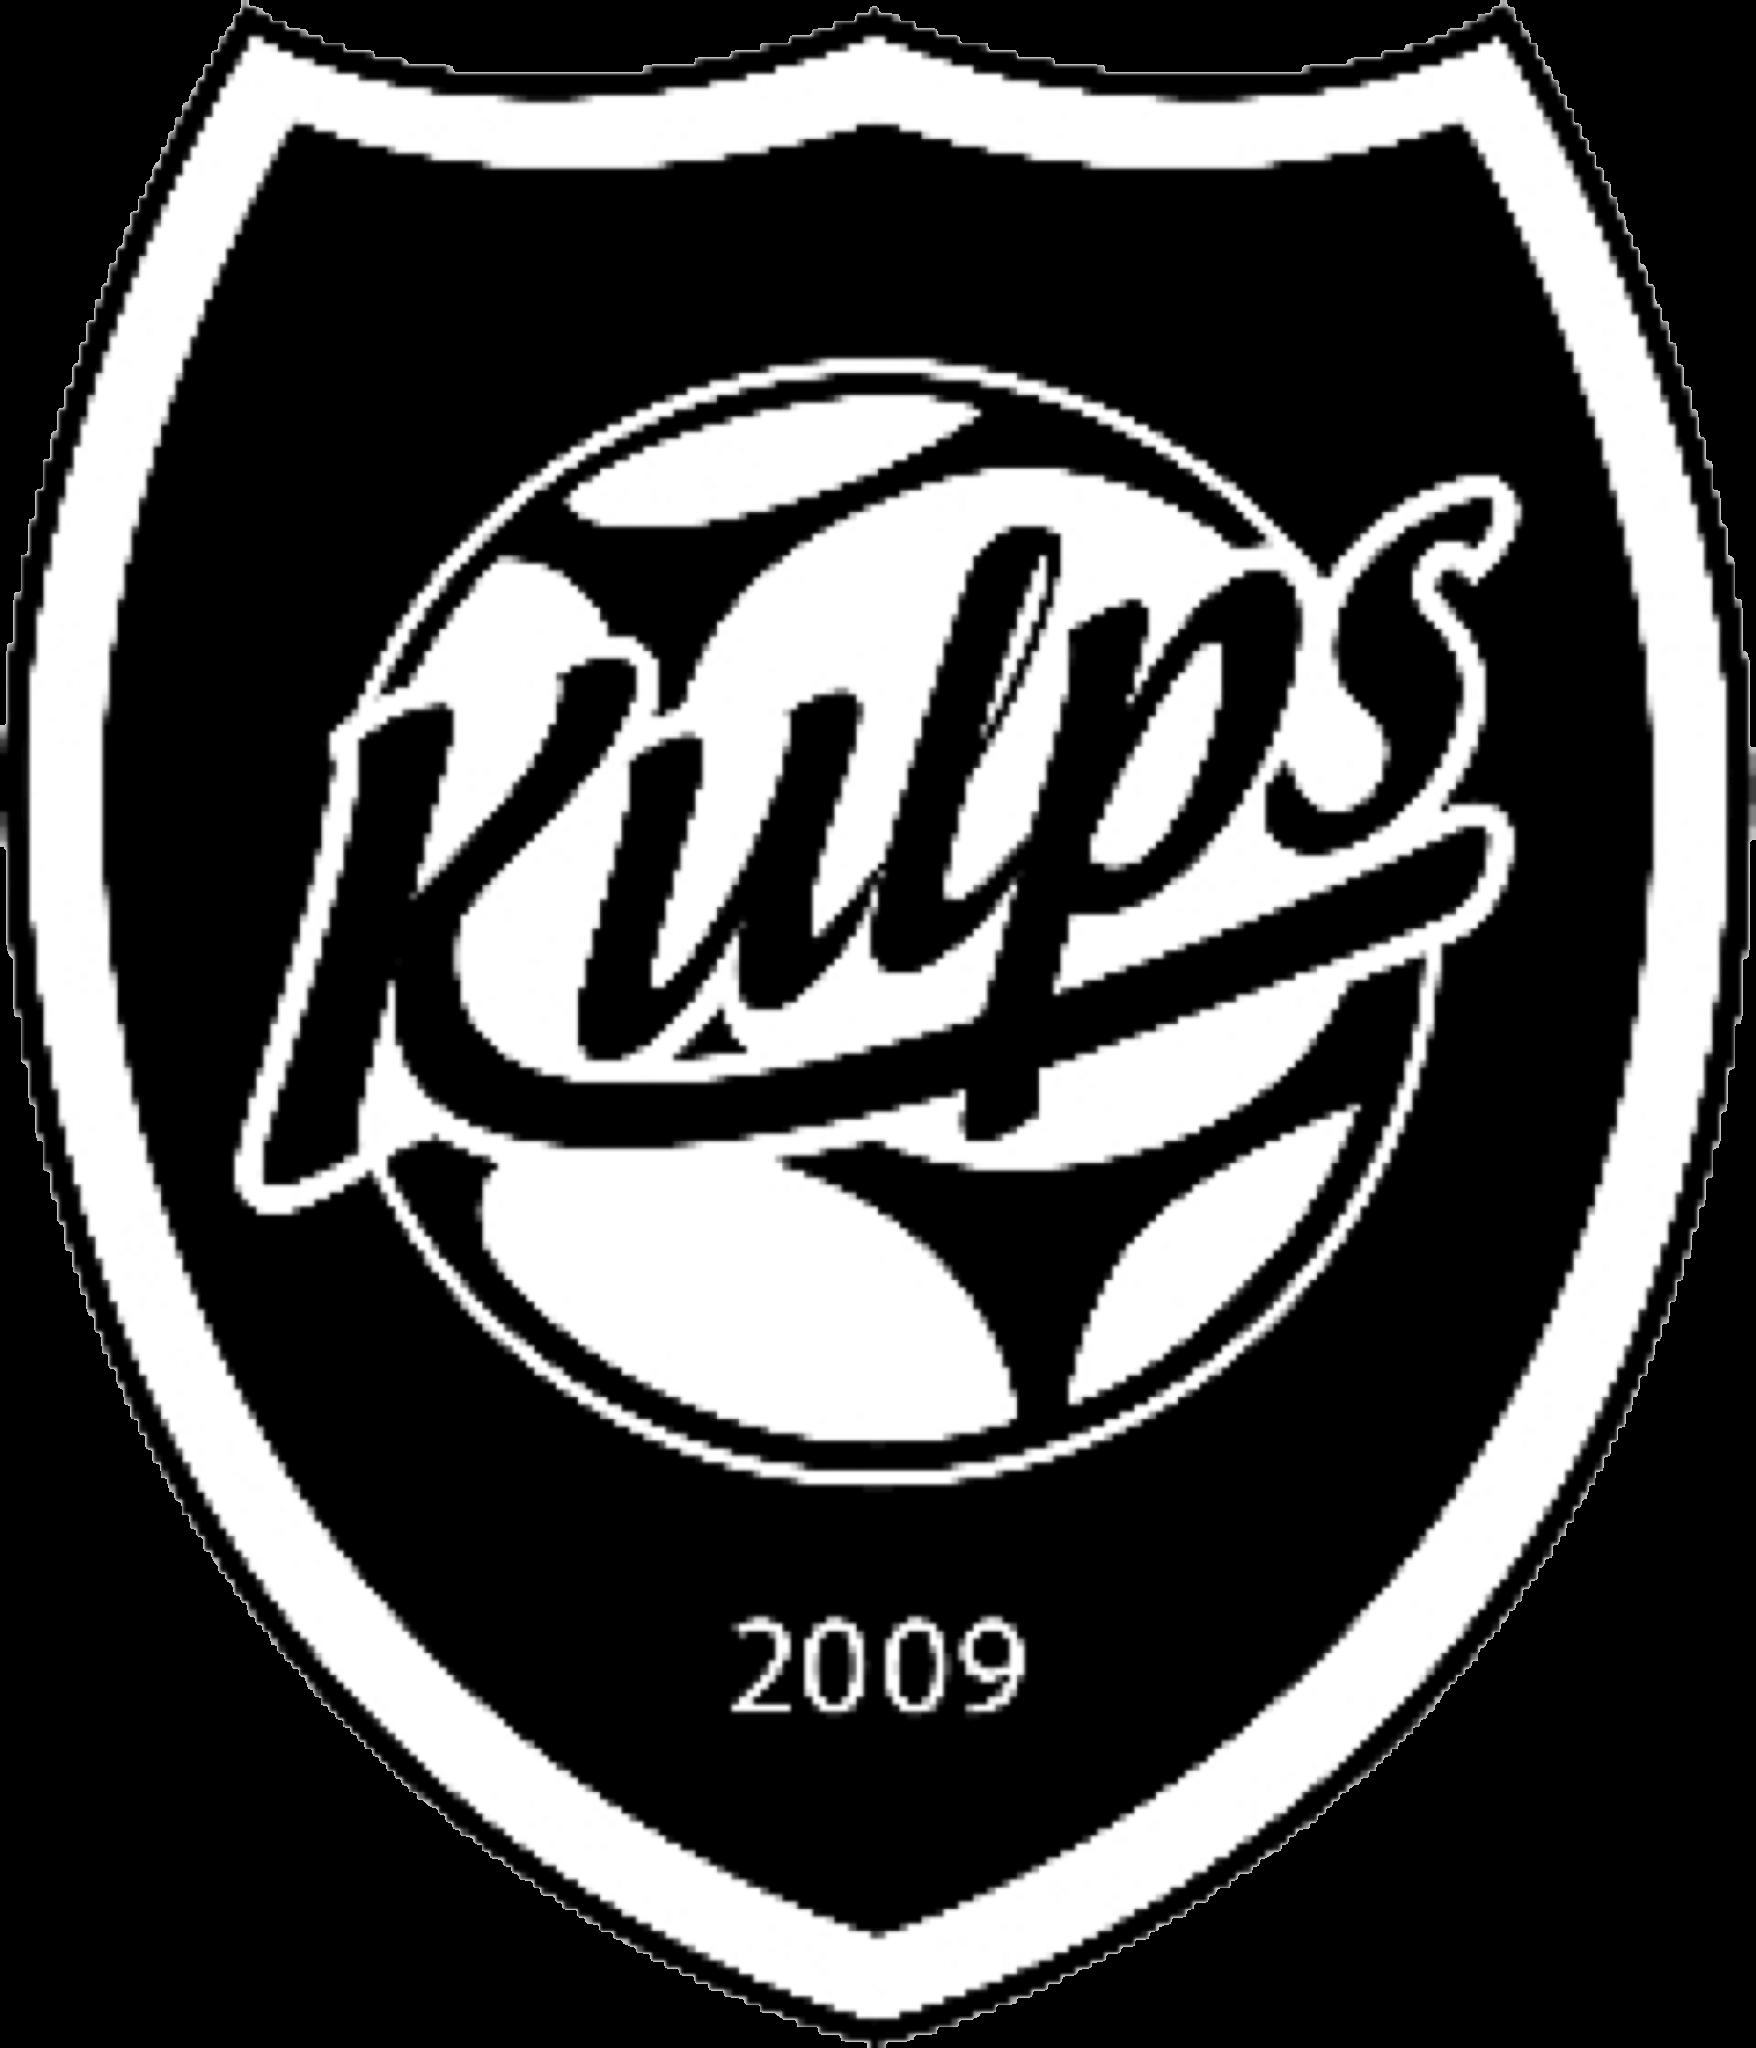 Kulosaaren jalkapalloseura urheiluseuran logo